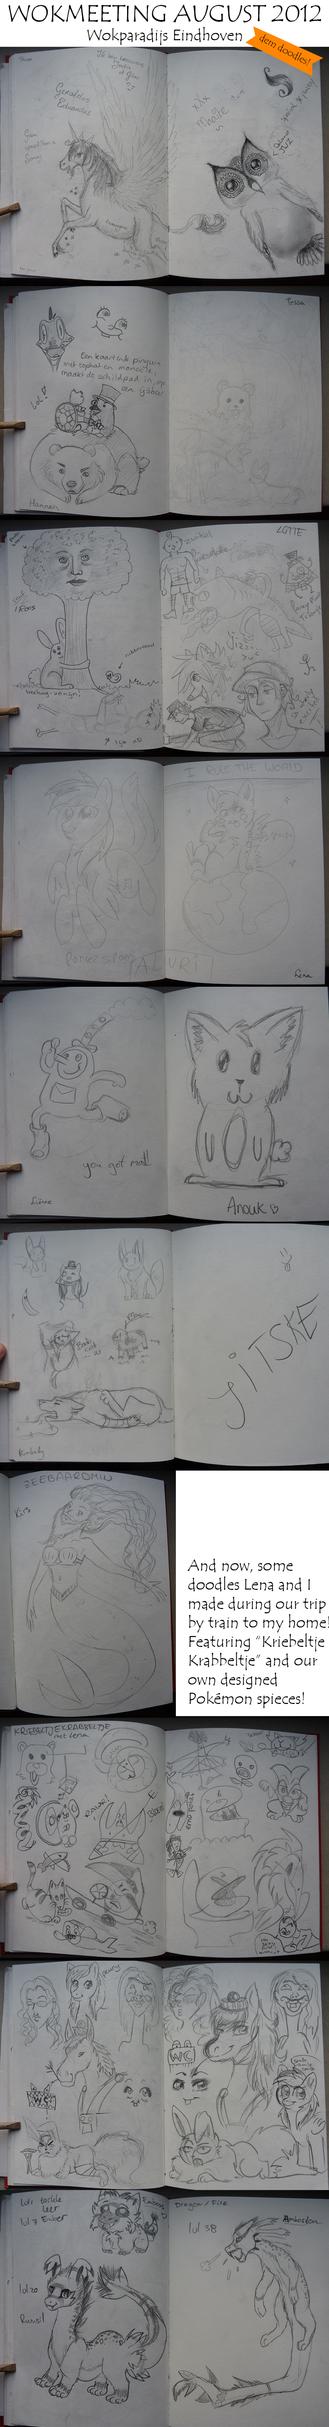 Wokmeeting August 2012 Doodles! by Kiruel